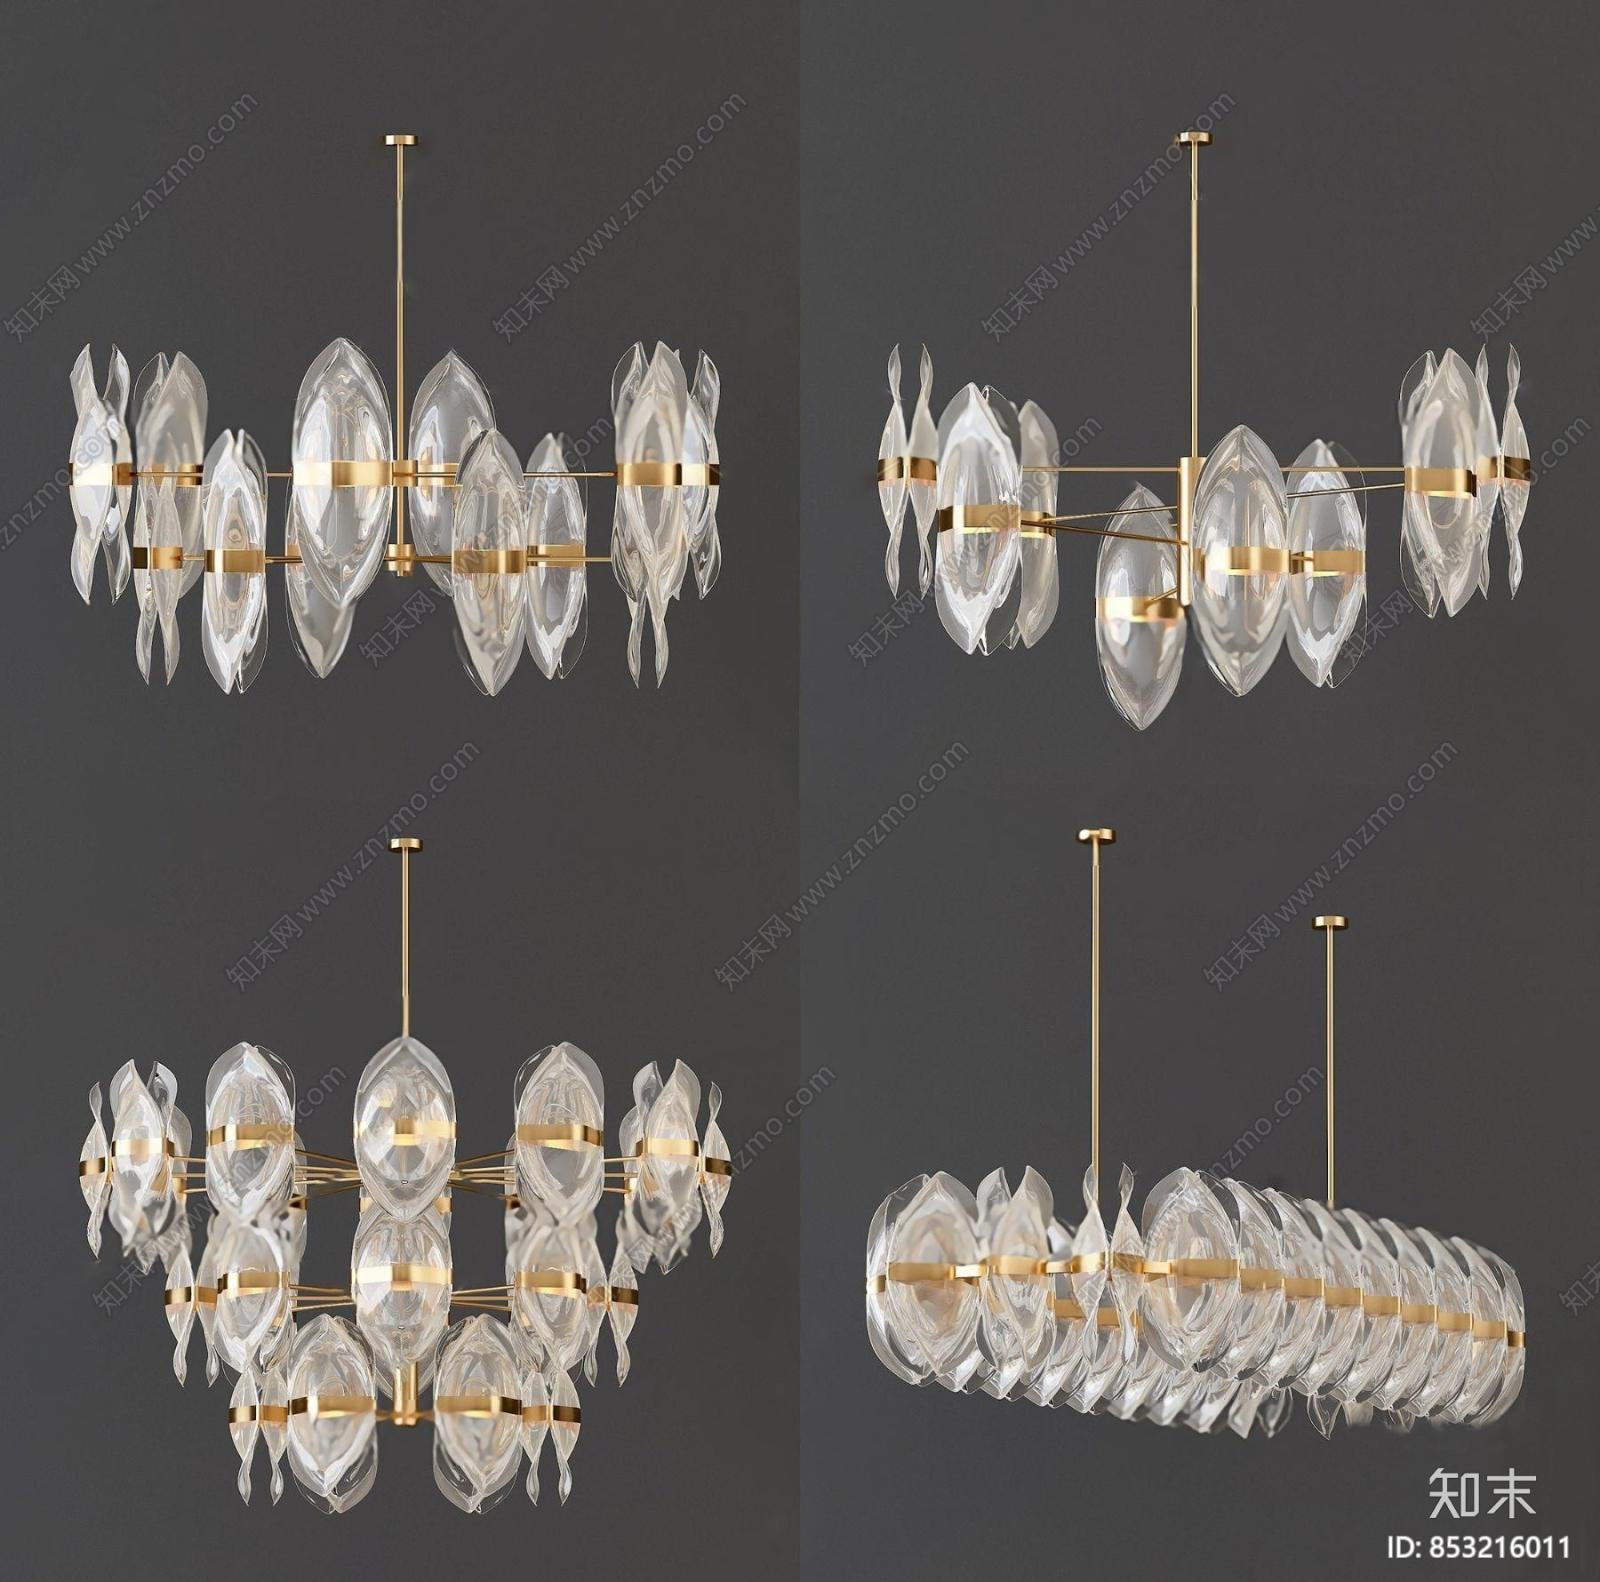 现代轻奢贝壳吊灯3d模型